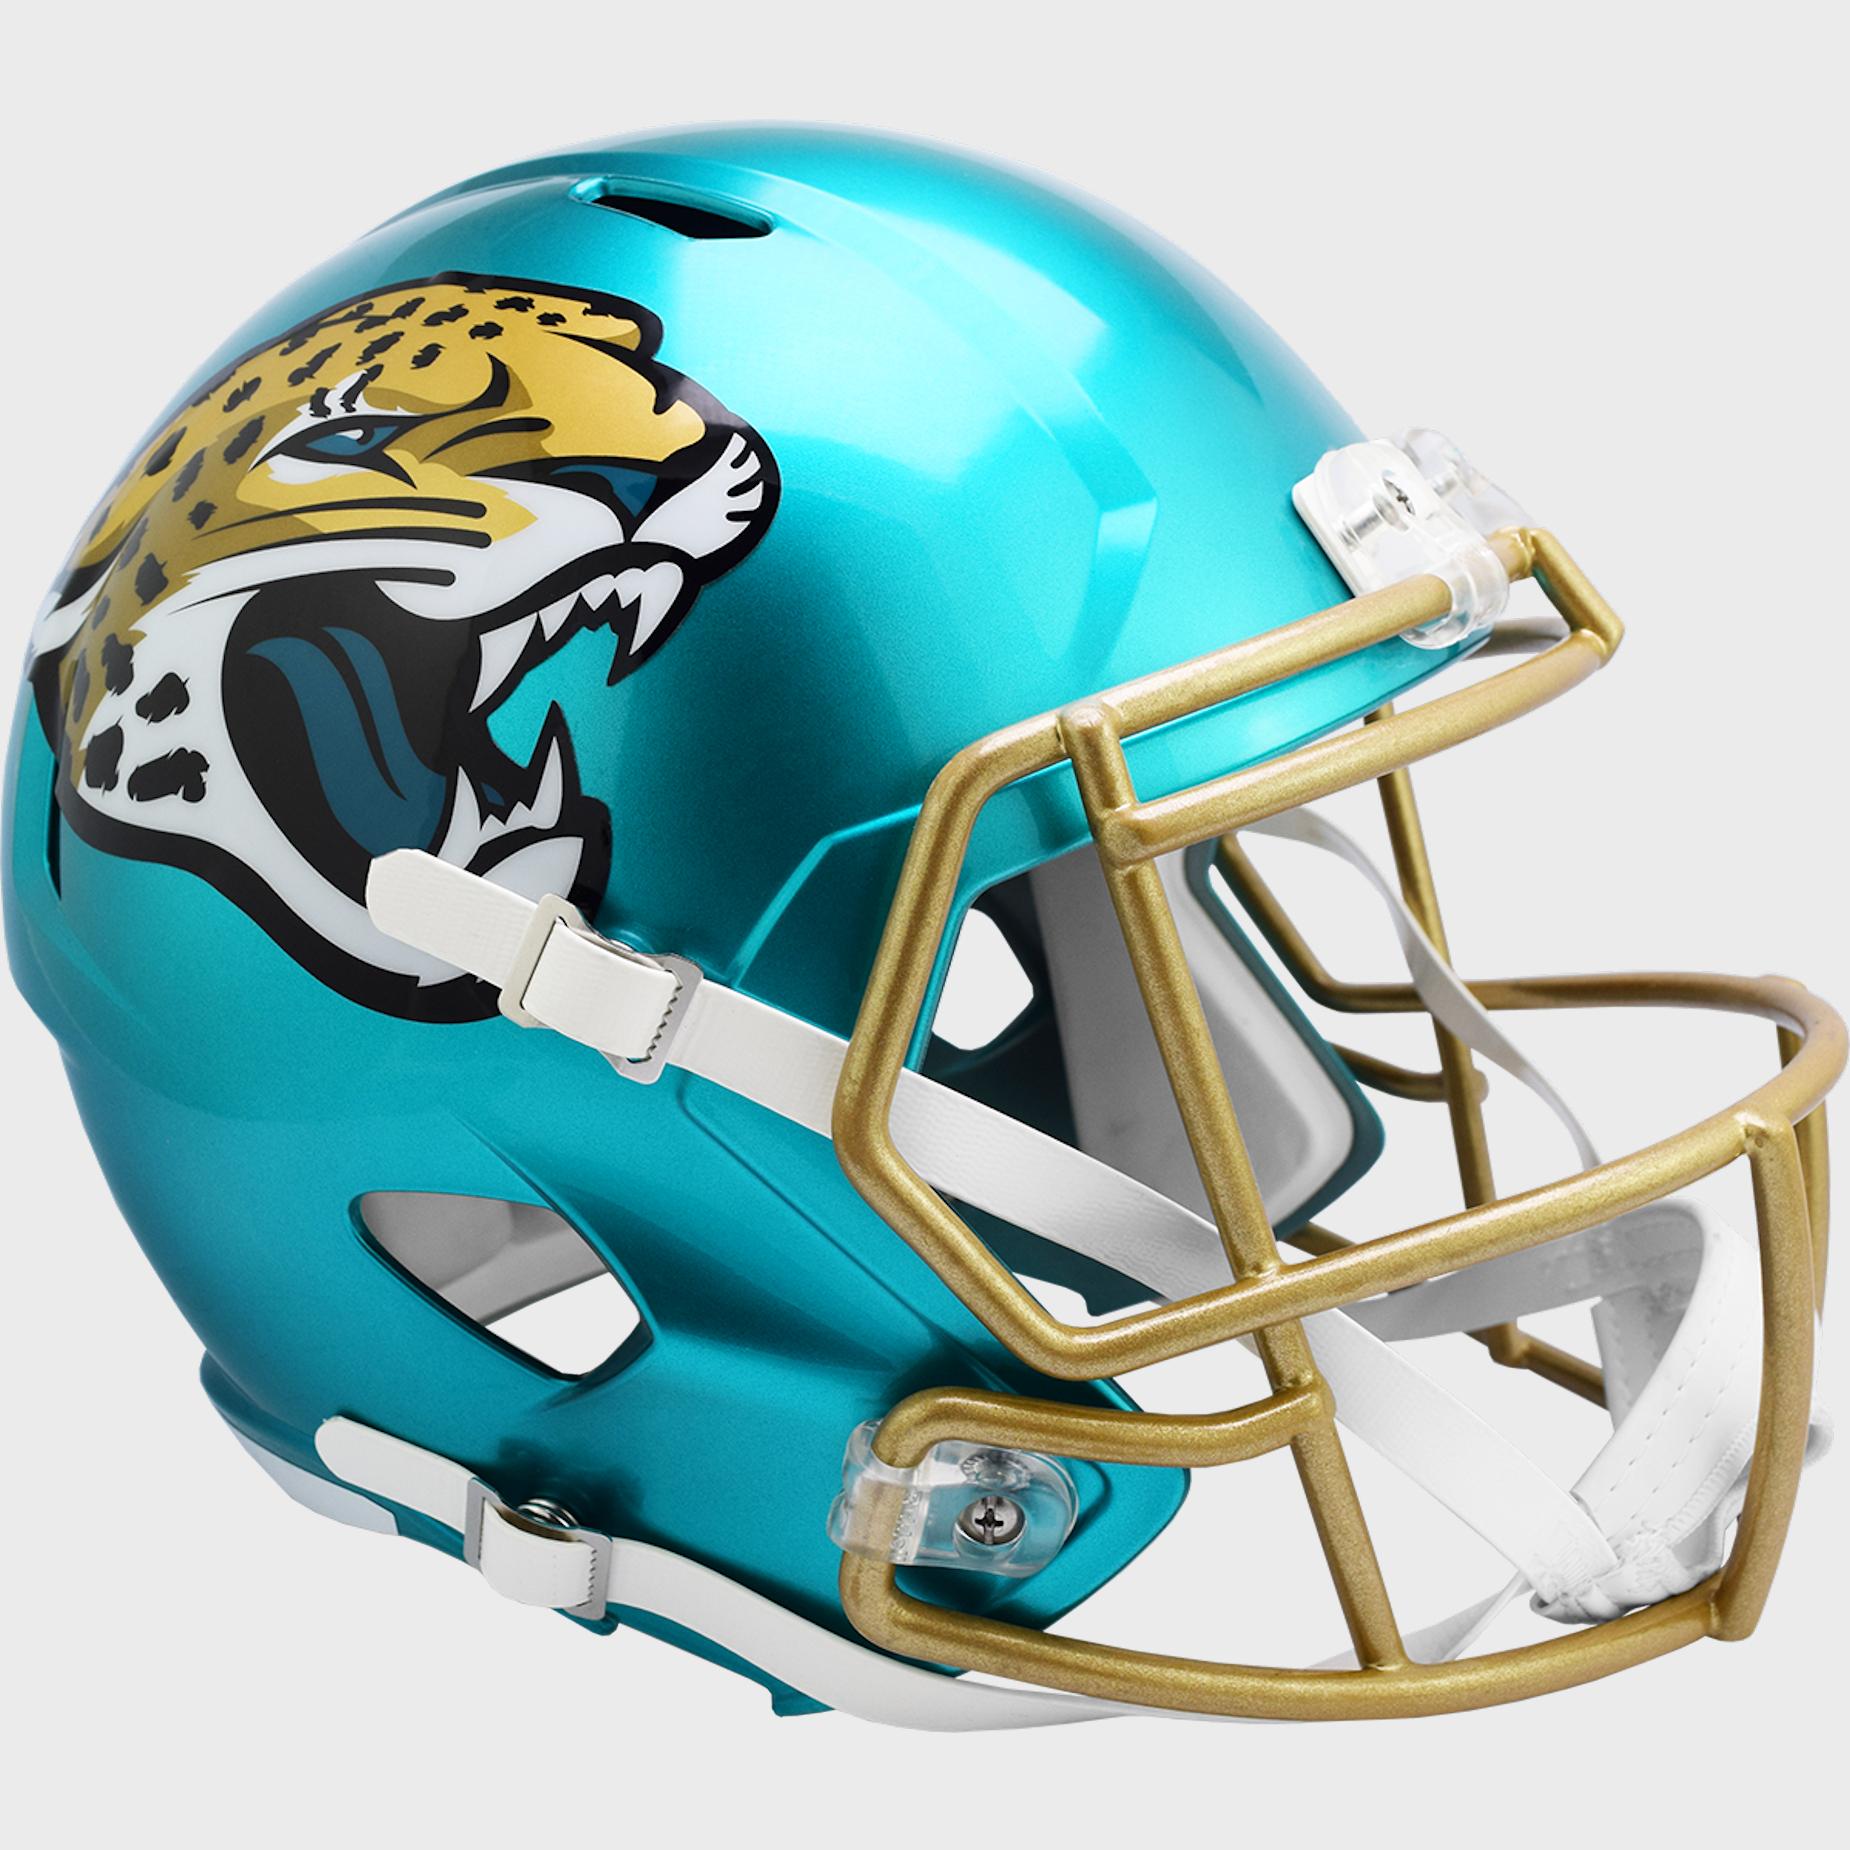 Jacksonville Jaguars Speed Replica Football Helmet <B>FLASH ESD 8/21/21</B>